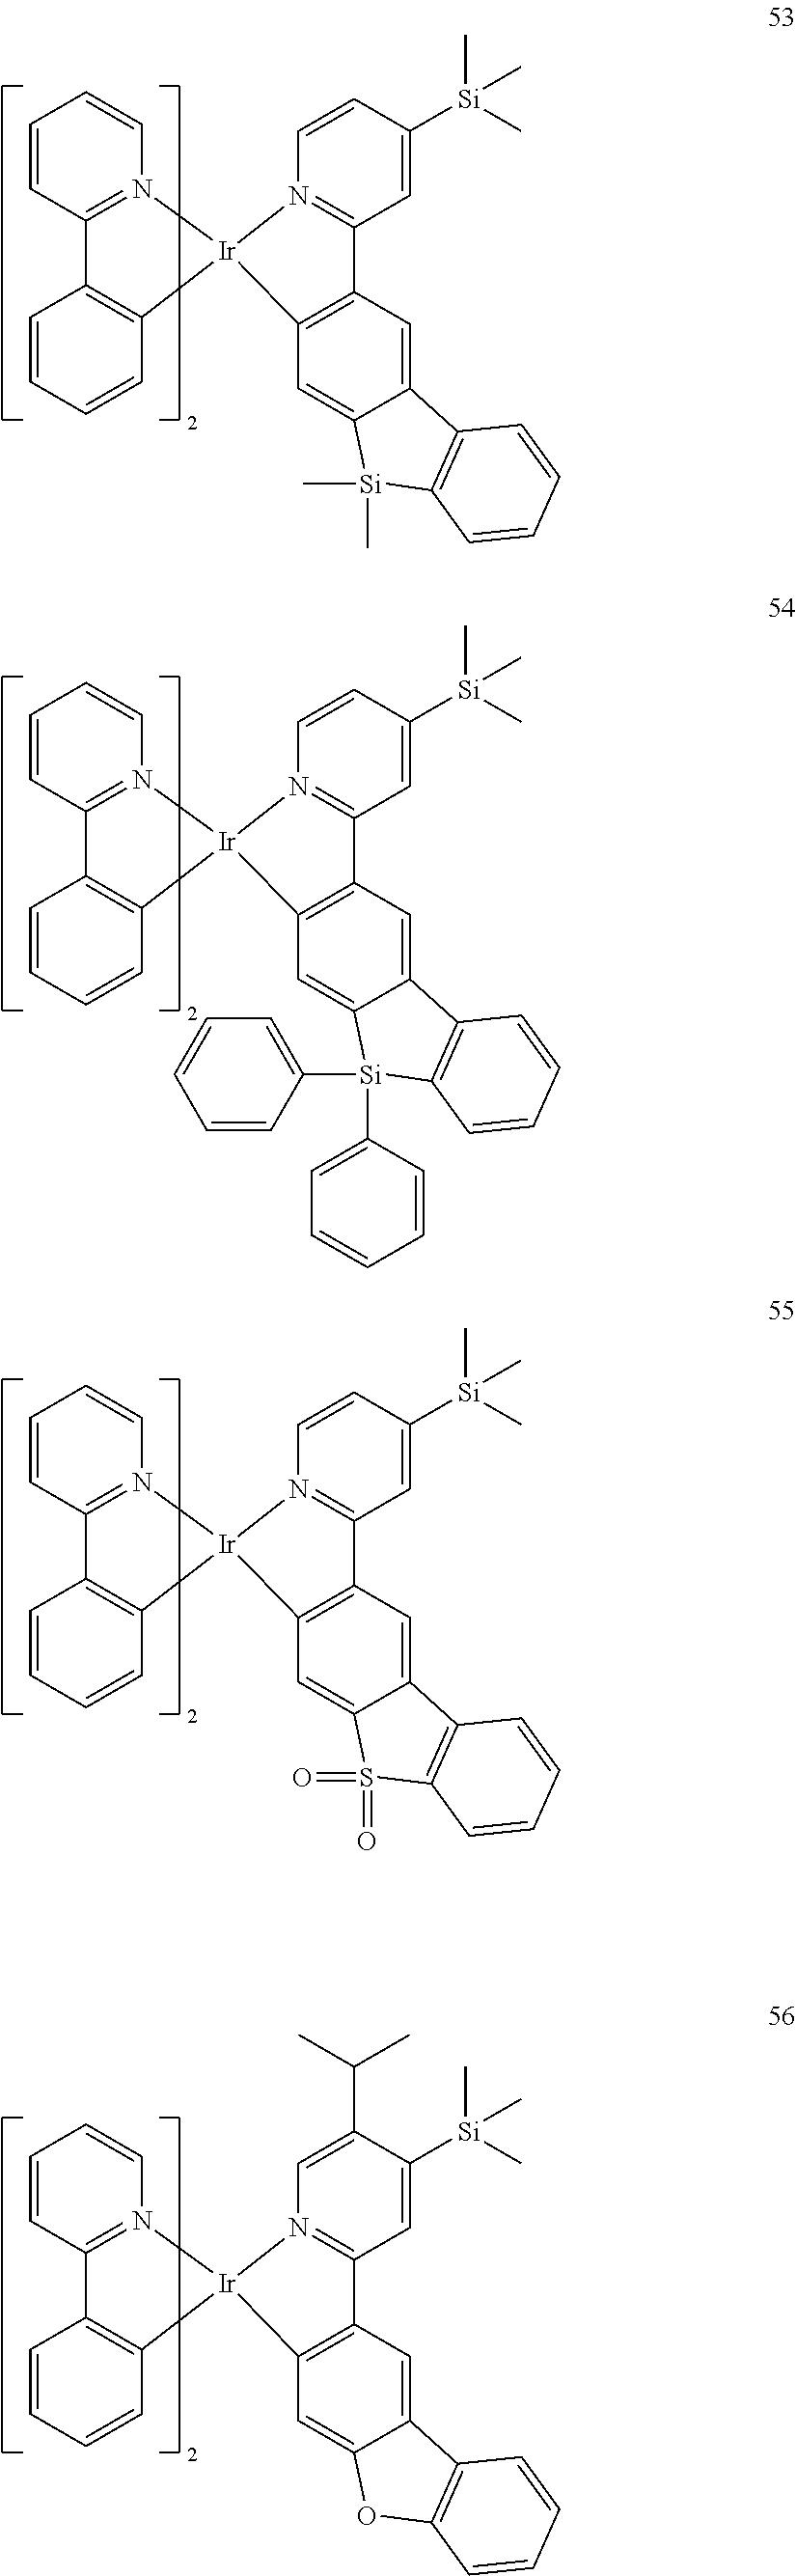 Figure US20160155962A1-20160602-C00346